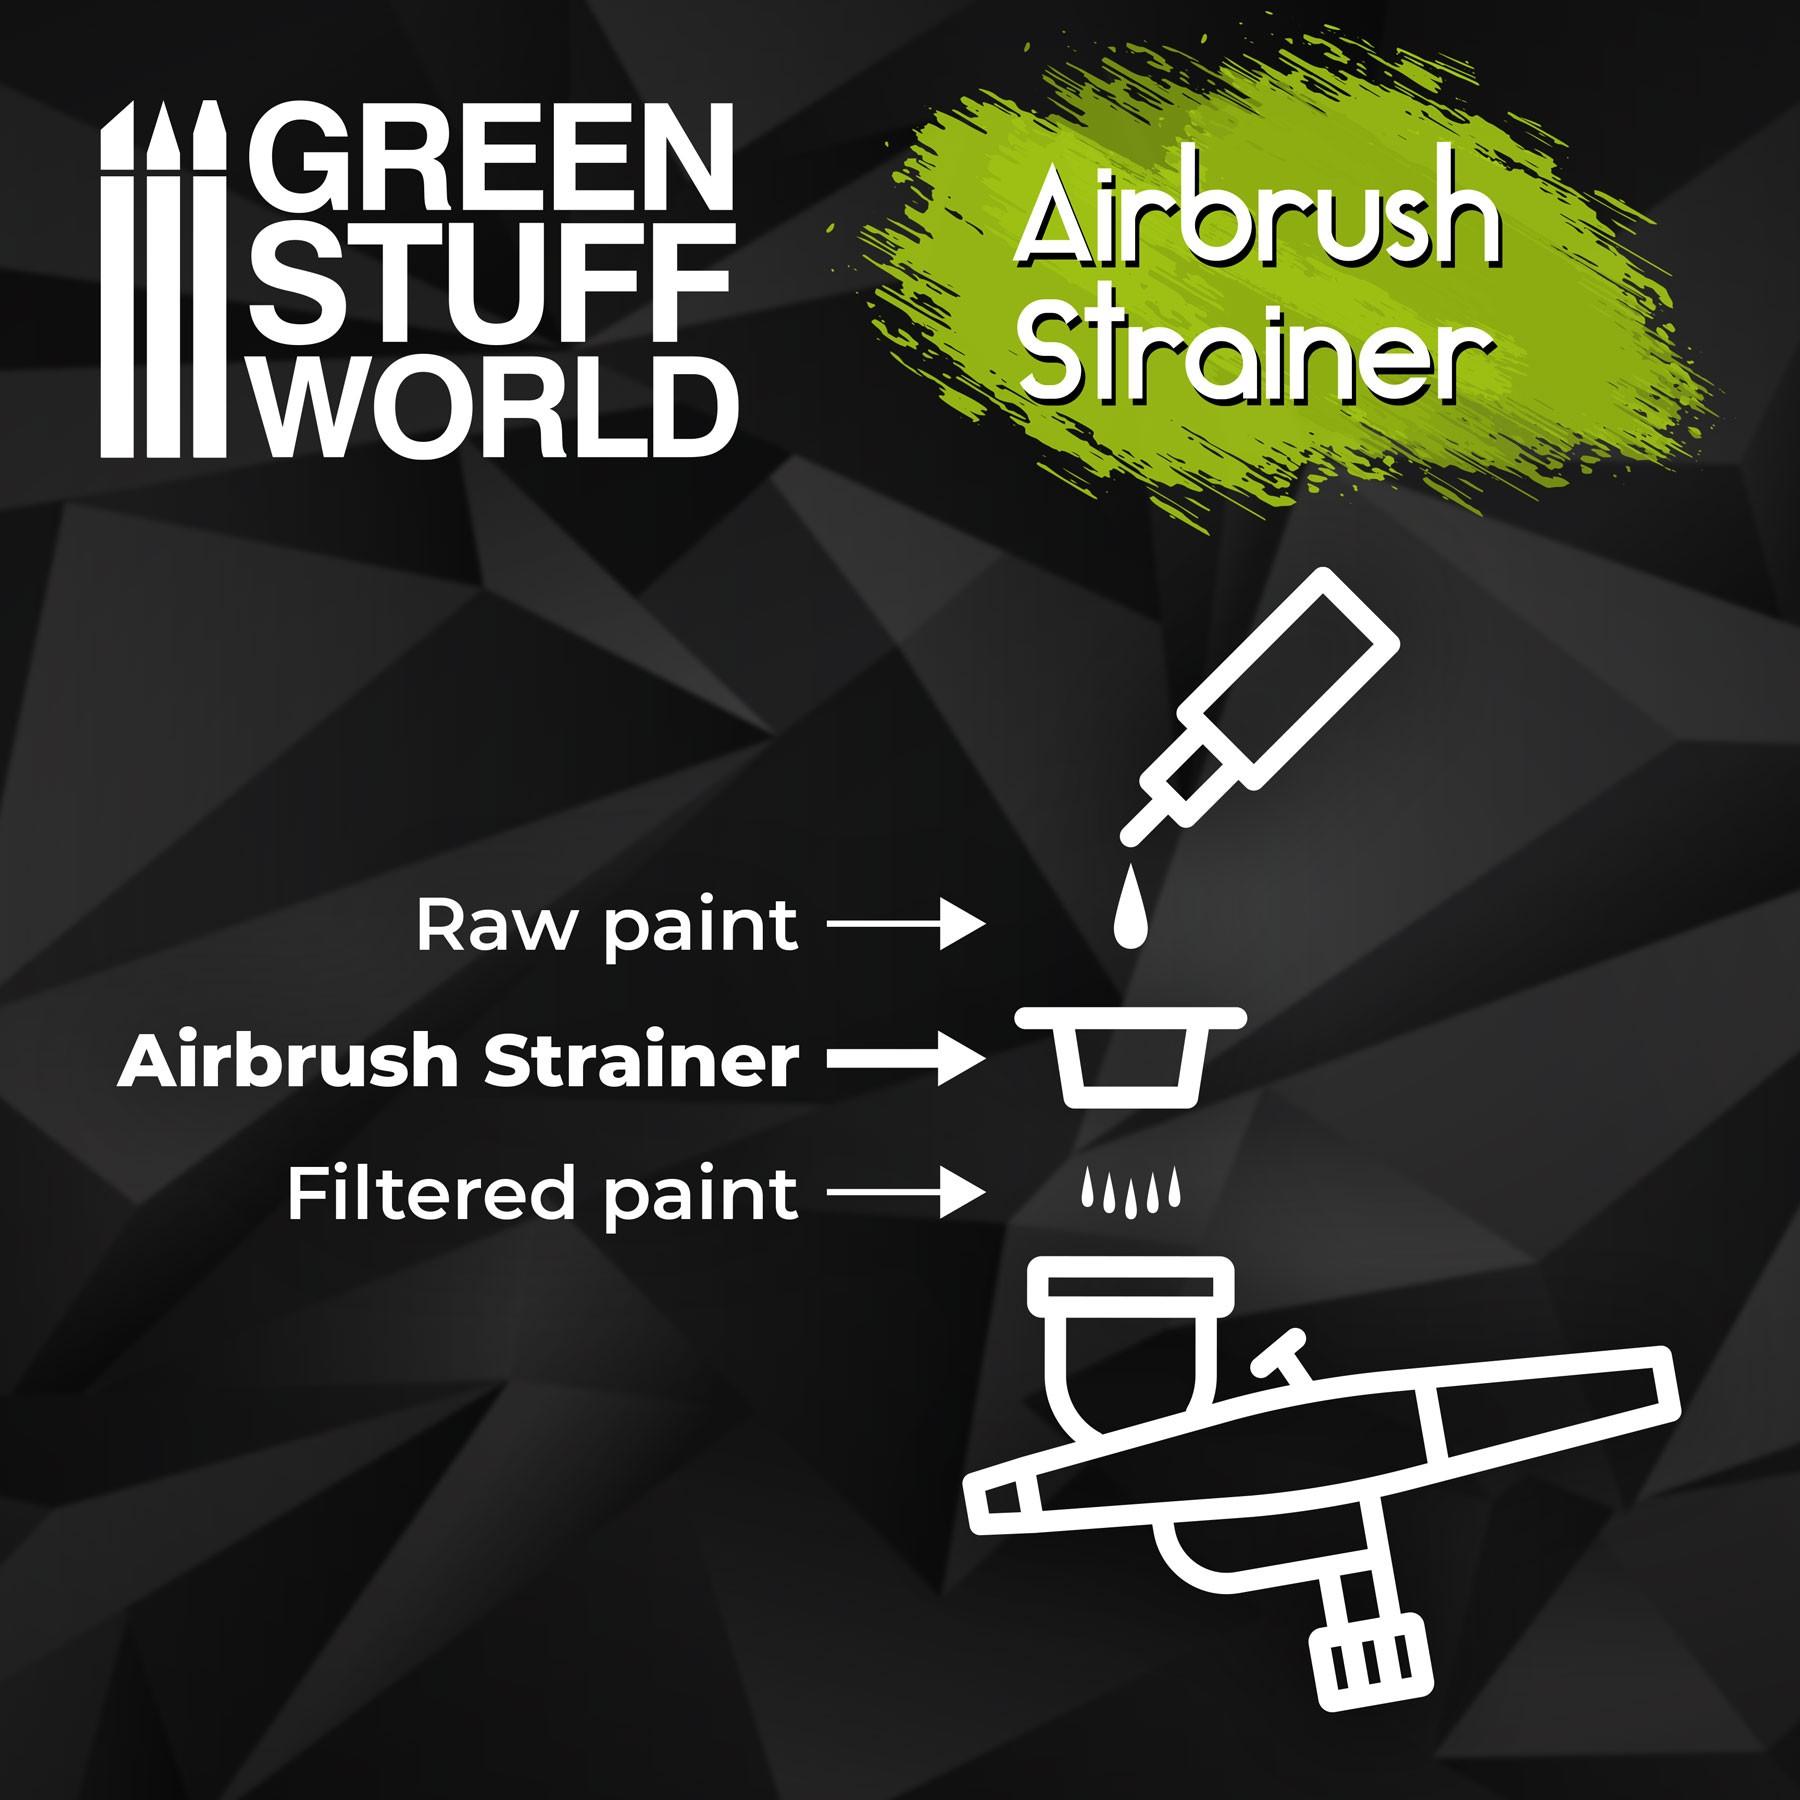 airbrush-strainers